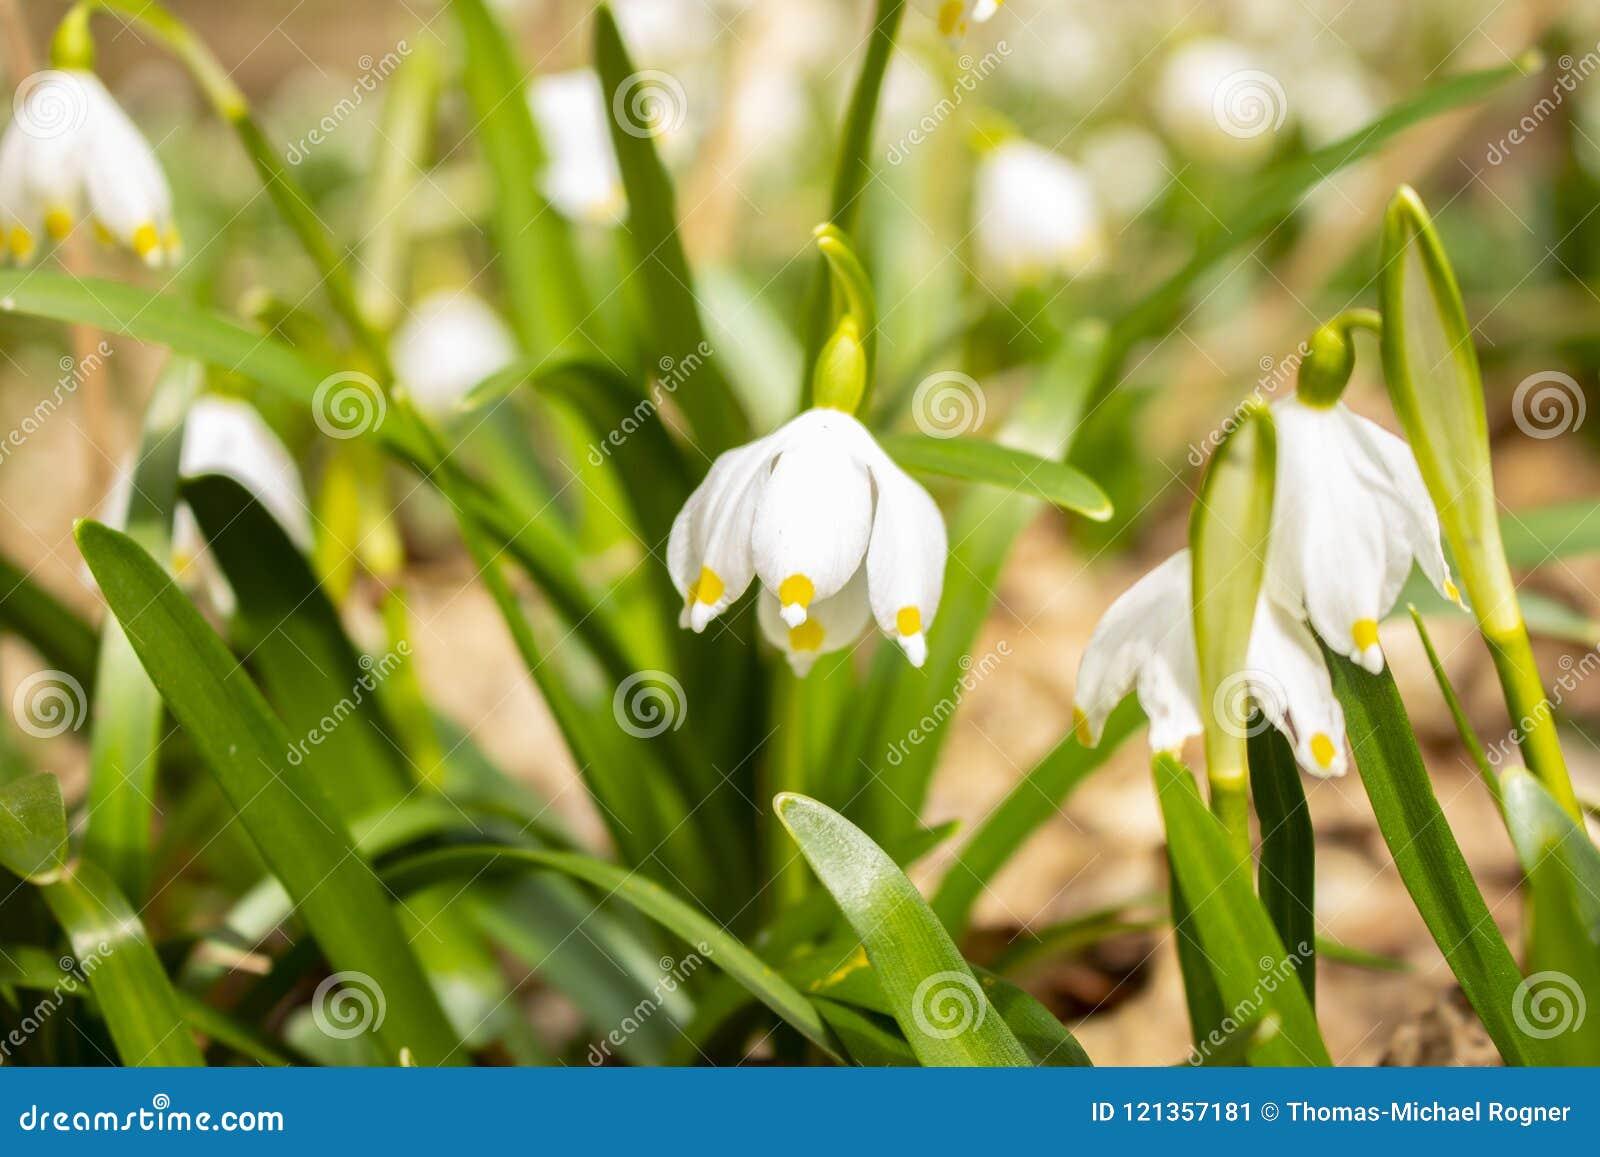 De bloesemseizoen van de lentesneeuwvlokken op een weide